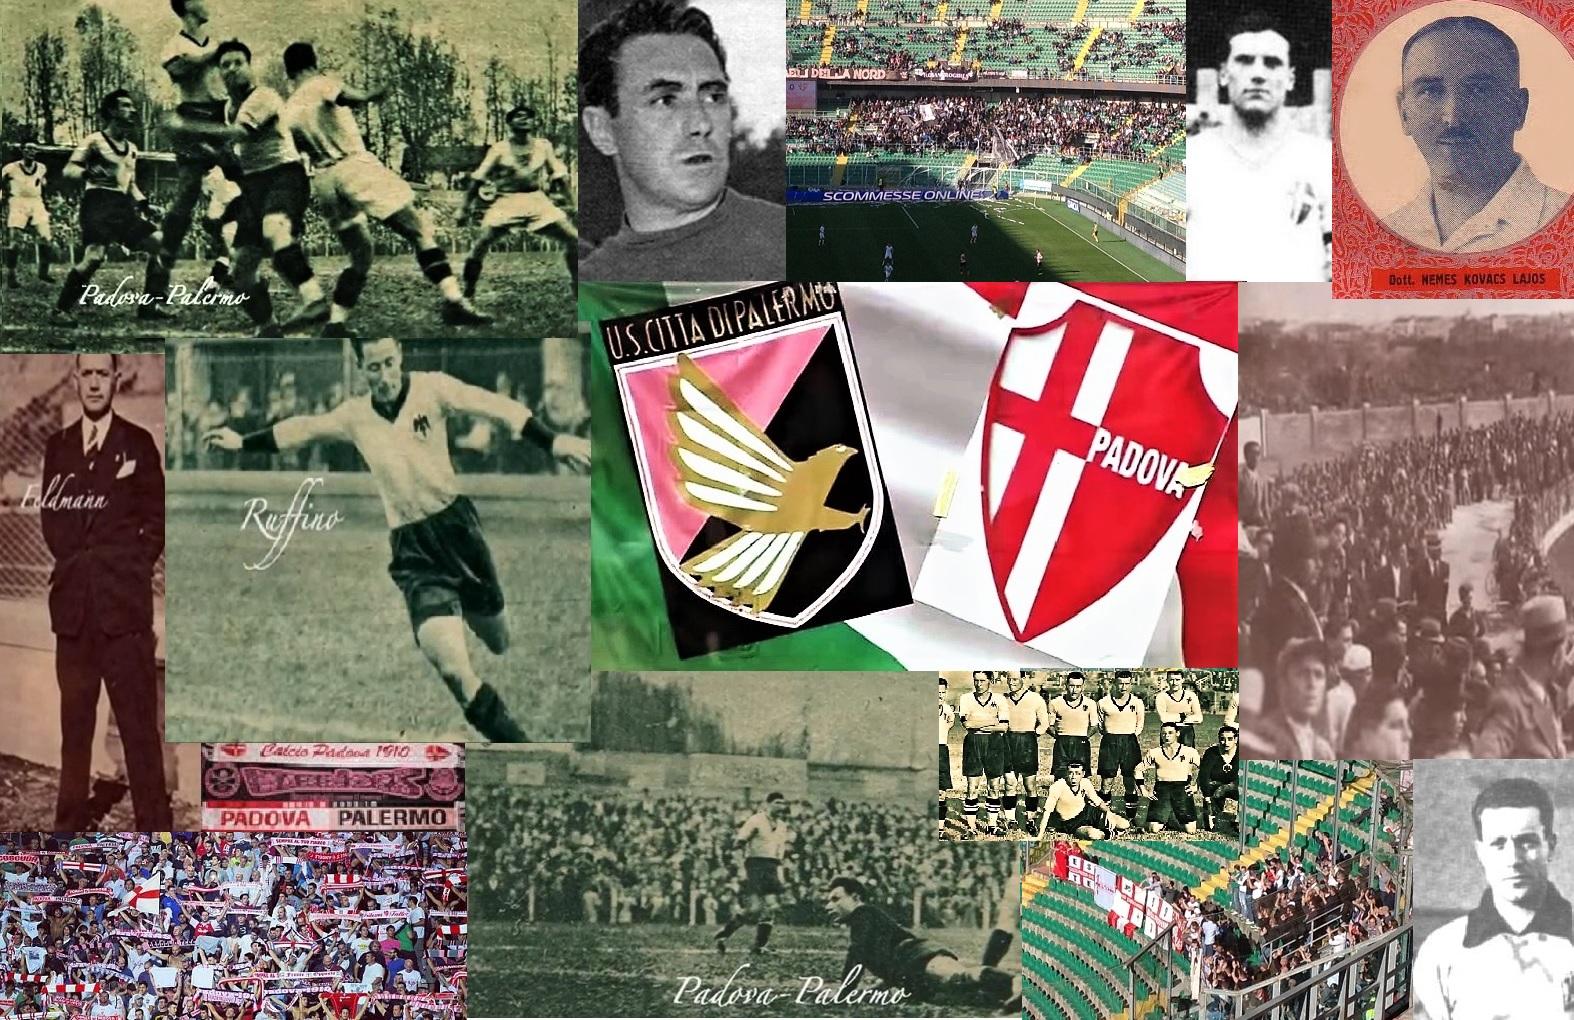 Palermo Padova collage gemellaggio 1932